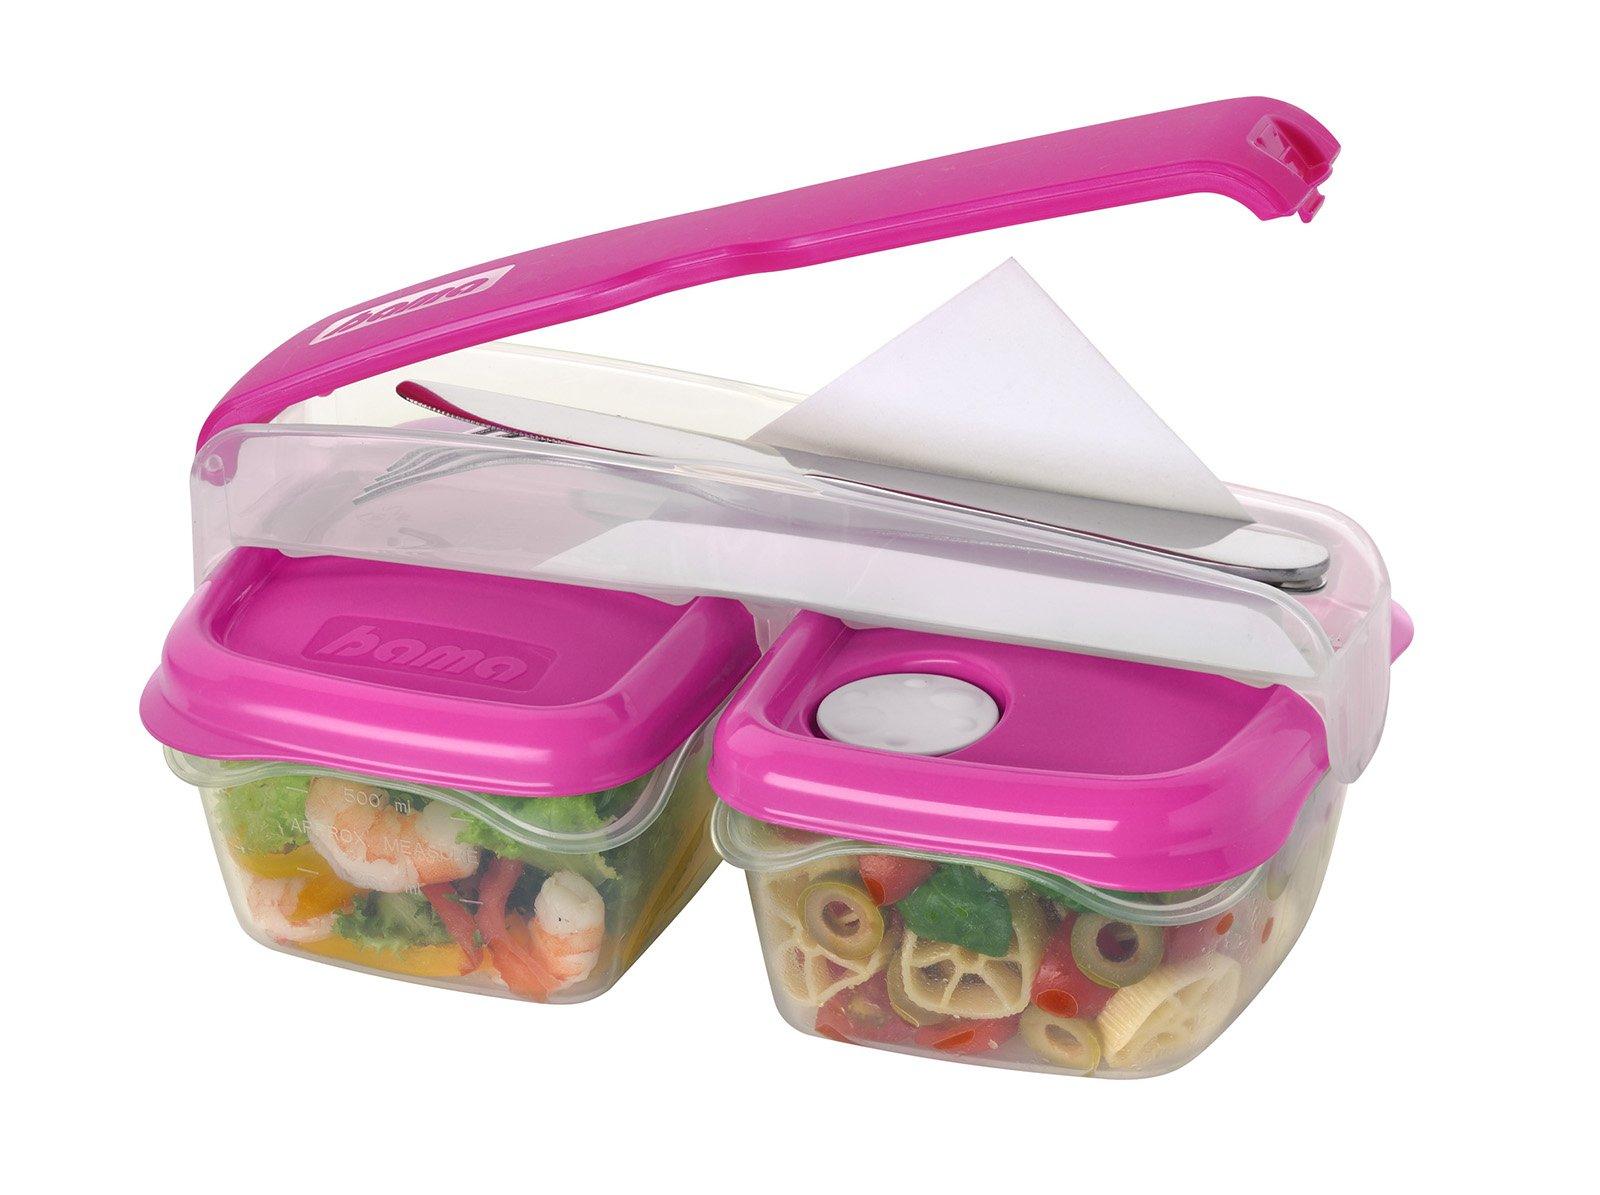 utili in cucina, ma anche per mangiare in ufficio o all'aperto ... - Pranzo Ufficio Dieta